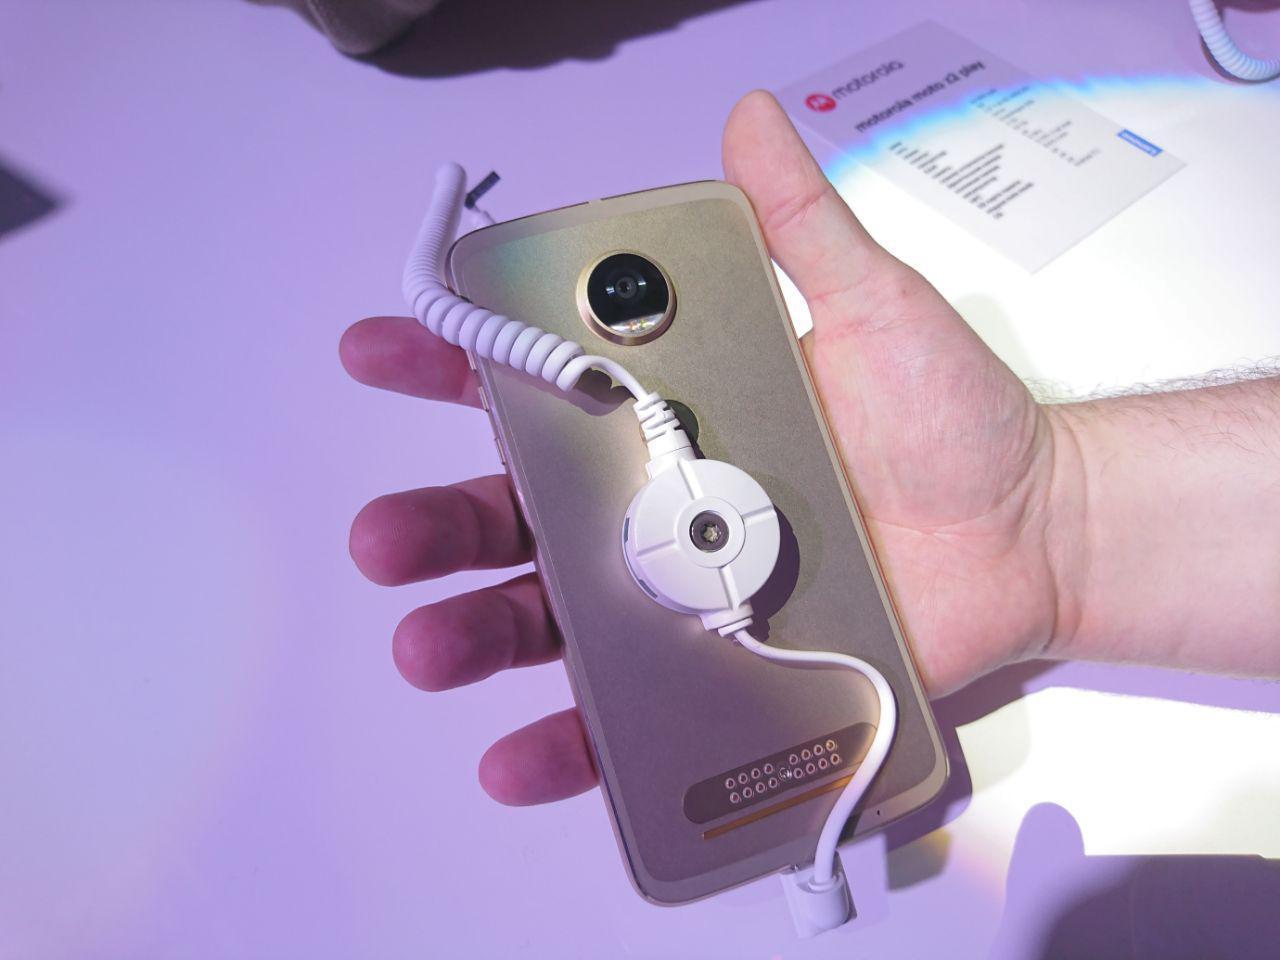 photo 2017 06 27 20 52 44 2 - Motorola Moto Z2 Play официально представлен в России